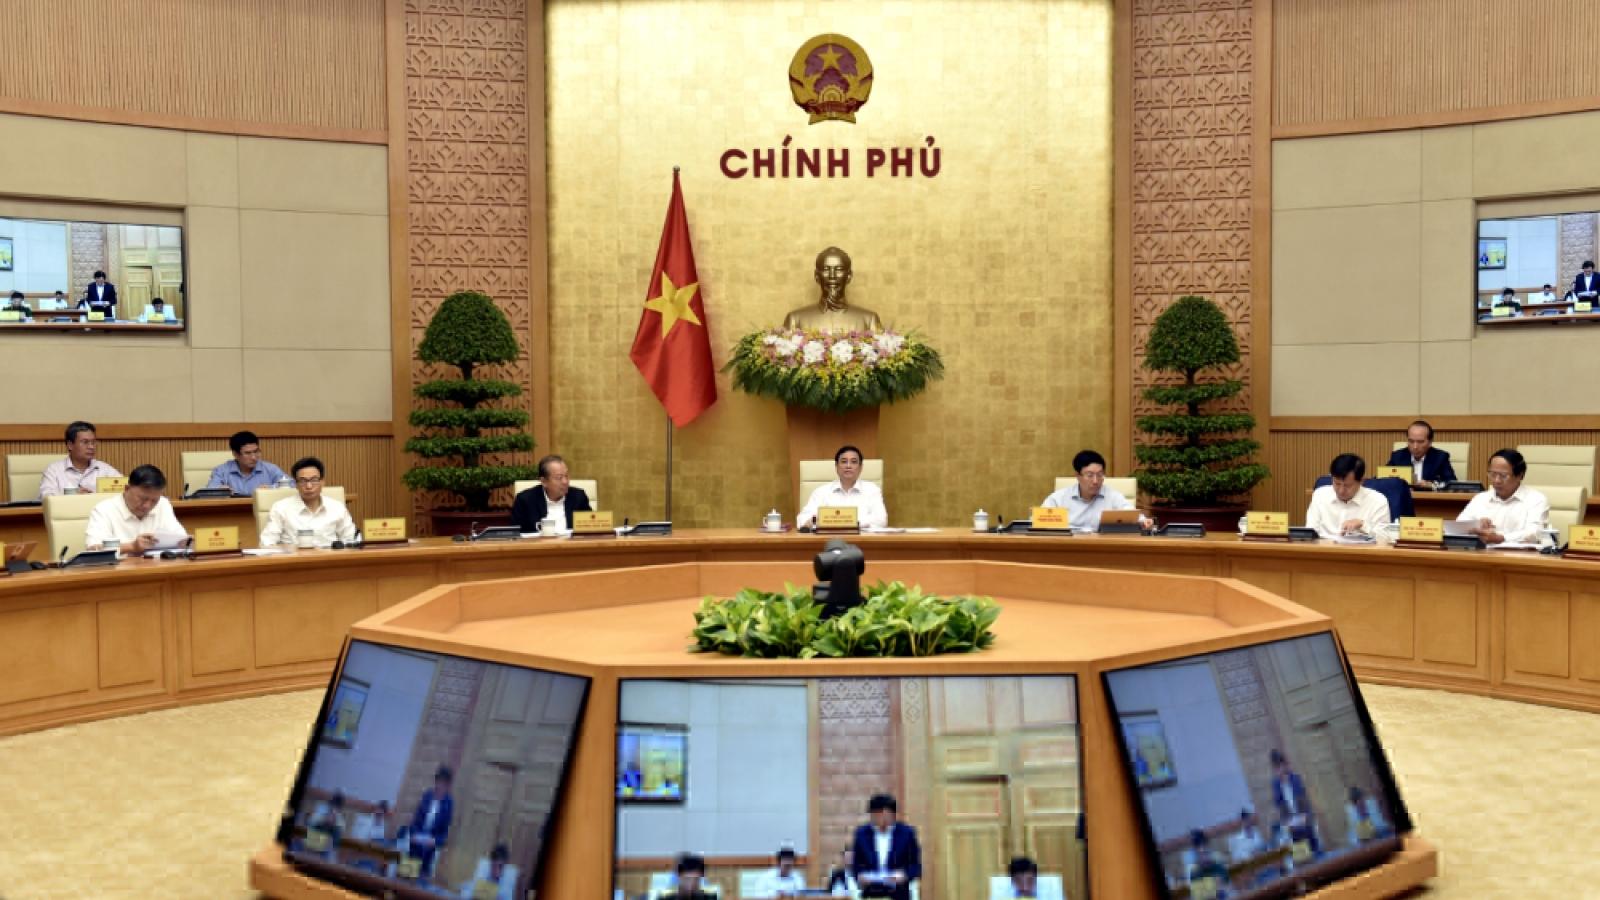 Nghị quyết Phiên họp triển khai công việc của Chính phủ sau kiện toàn